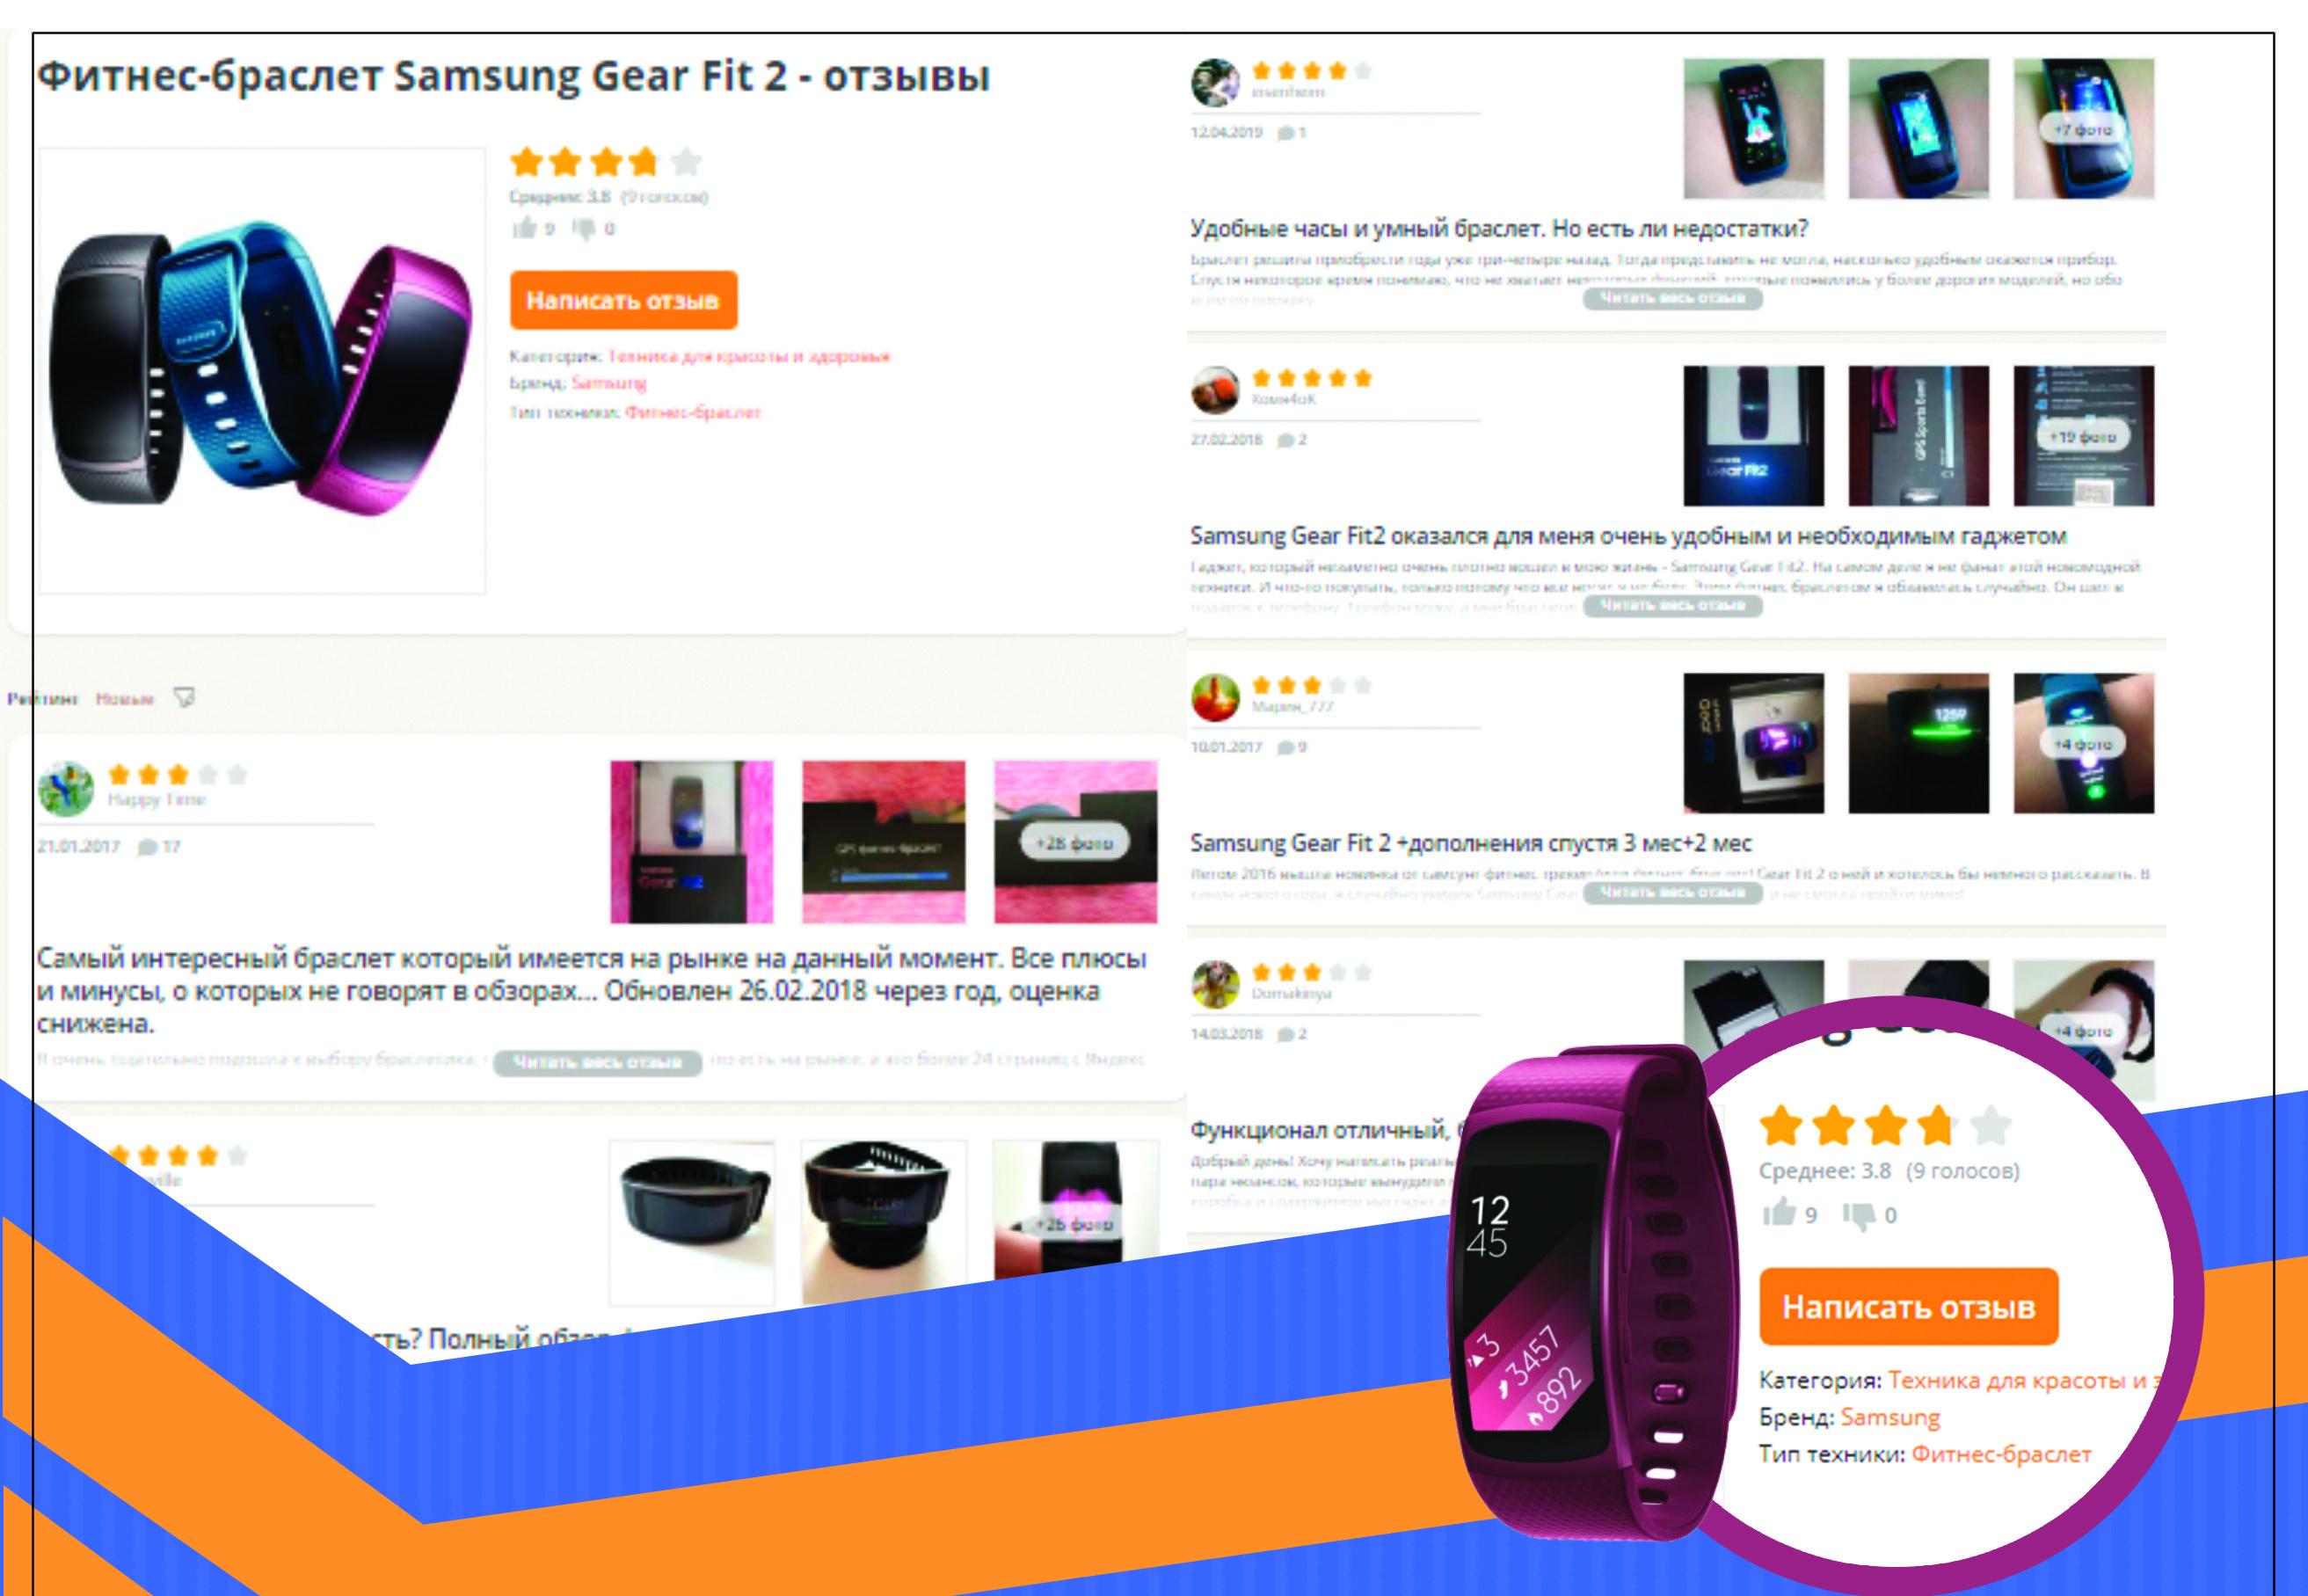 Обзор и отзывы о фитнес браслете Samsung Gear Fit